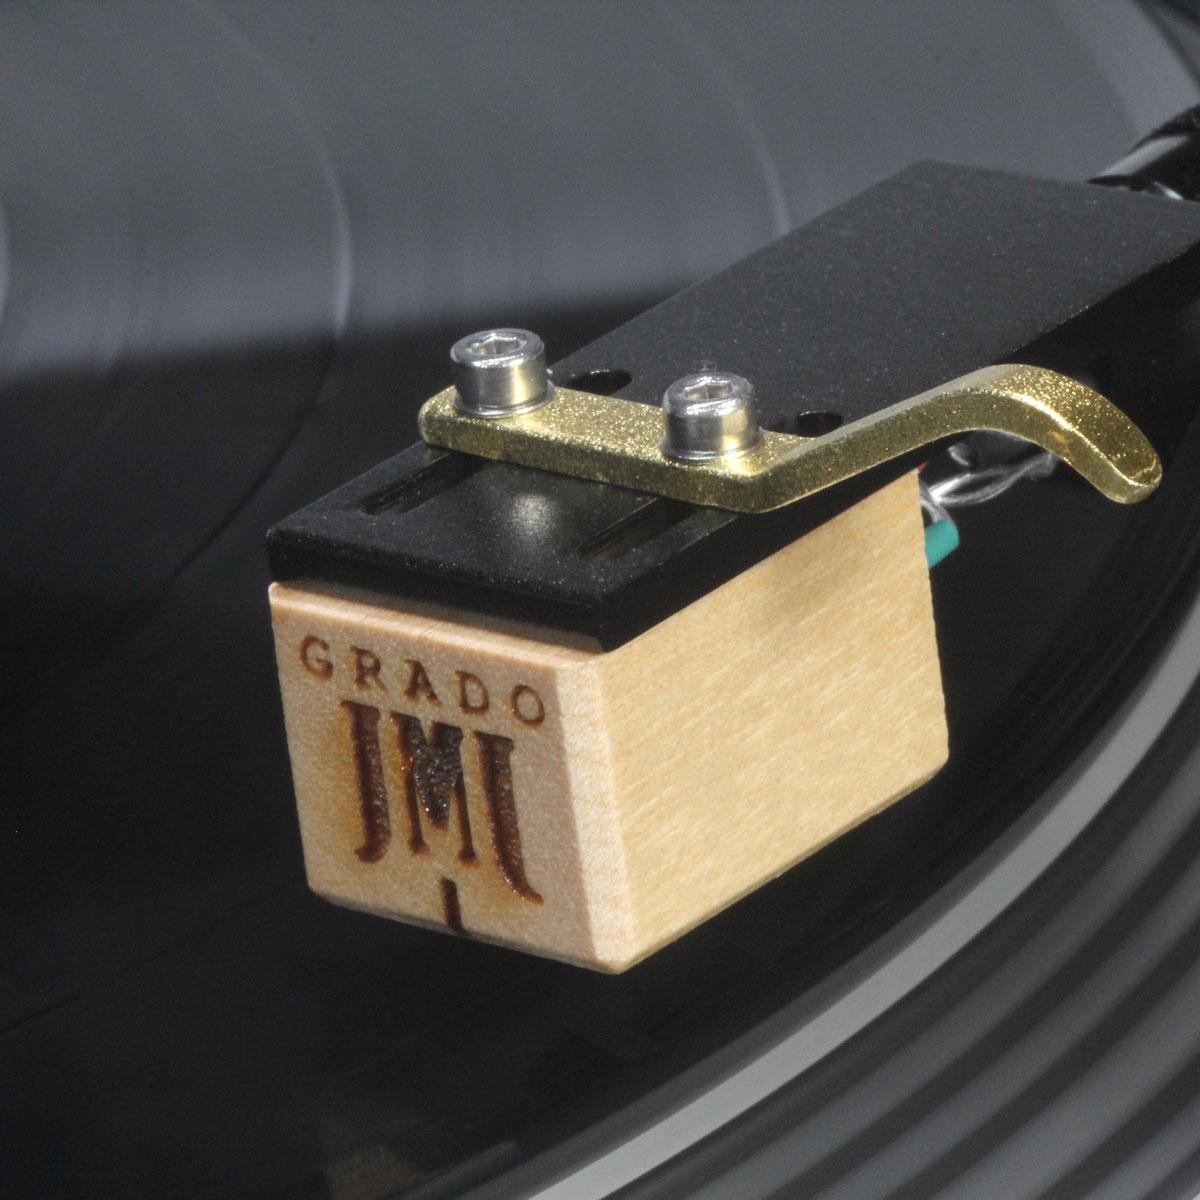 レコードカートリッジのグレードの違いで音はどう変わるか聴き比べてみた